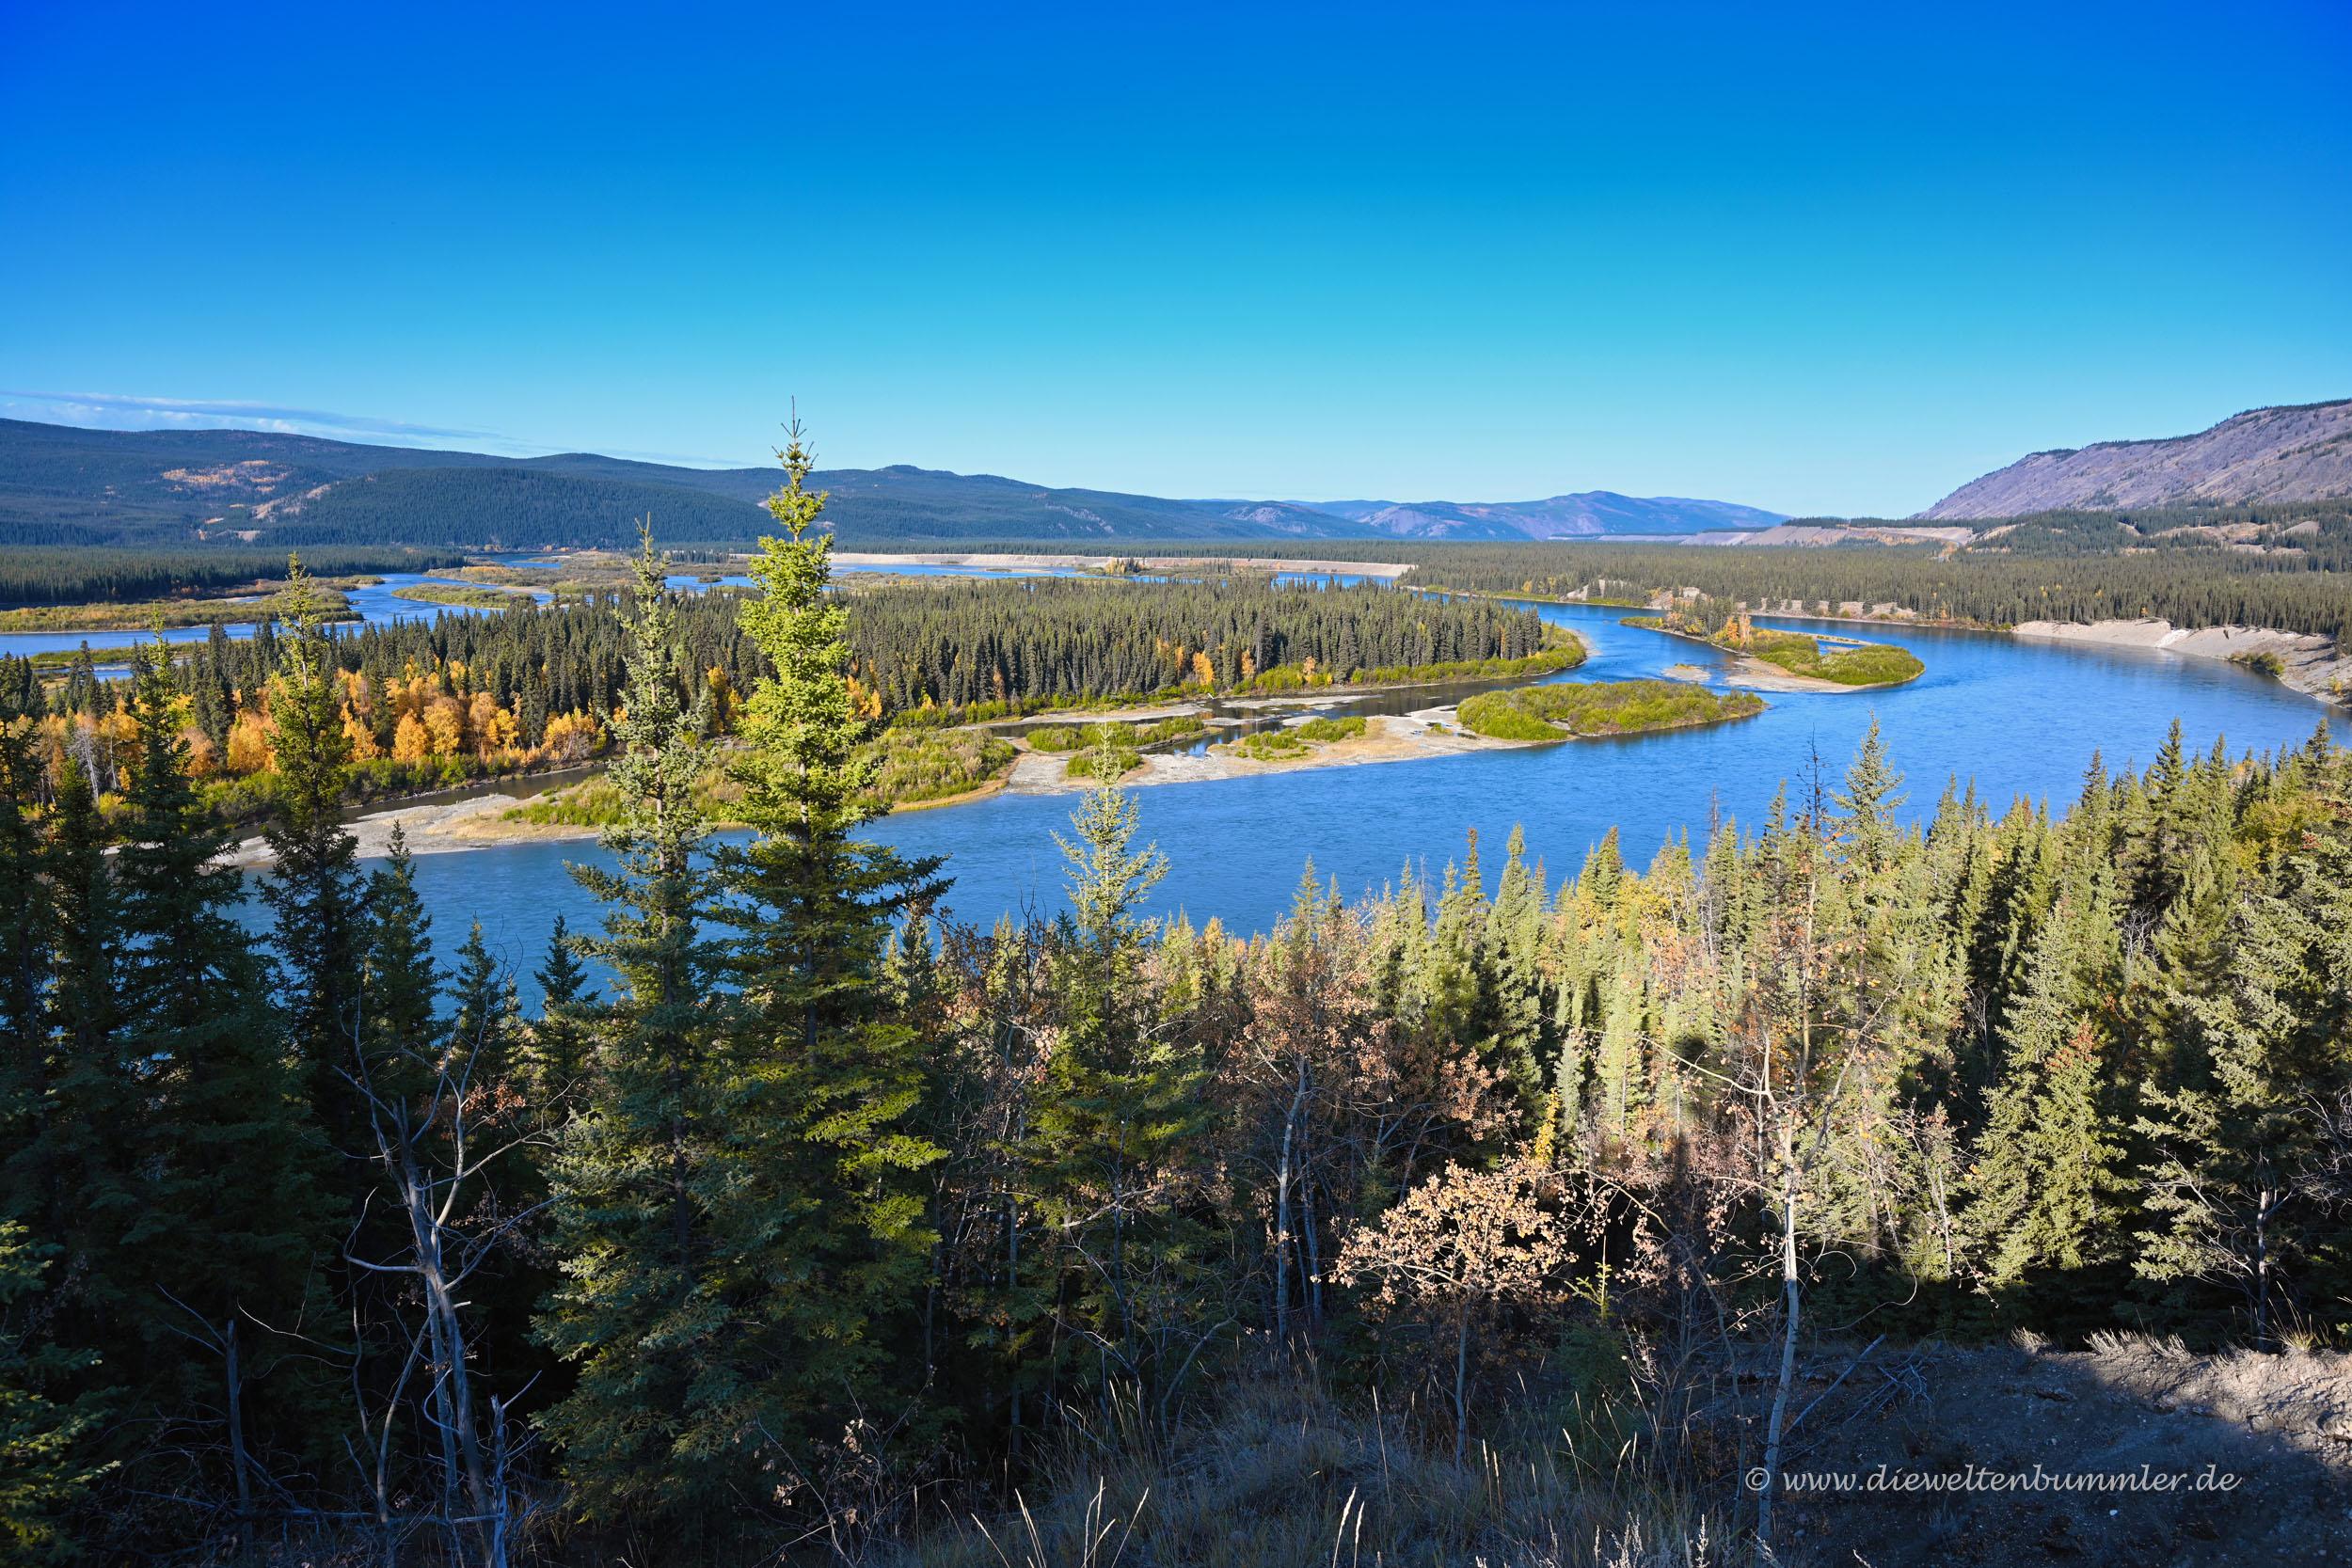 Flusslandschaft im Yukon